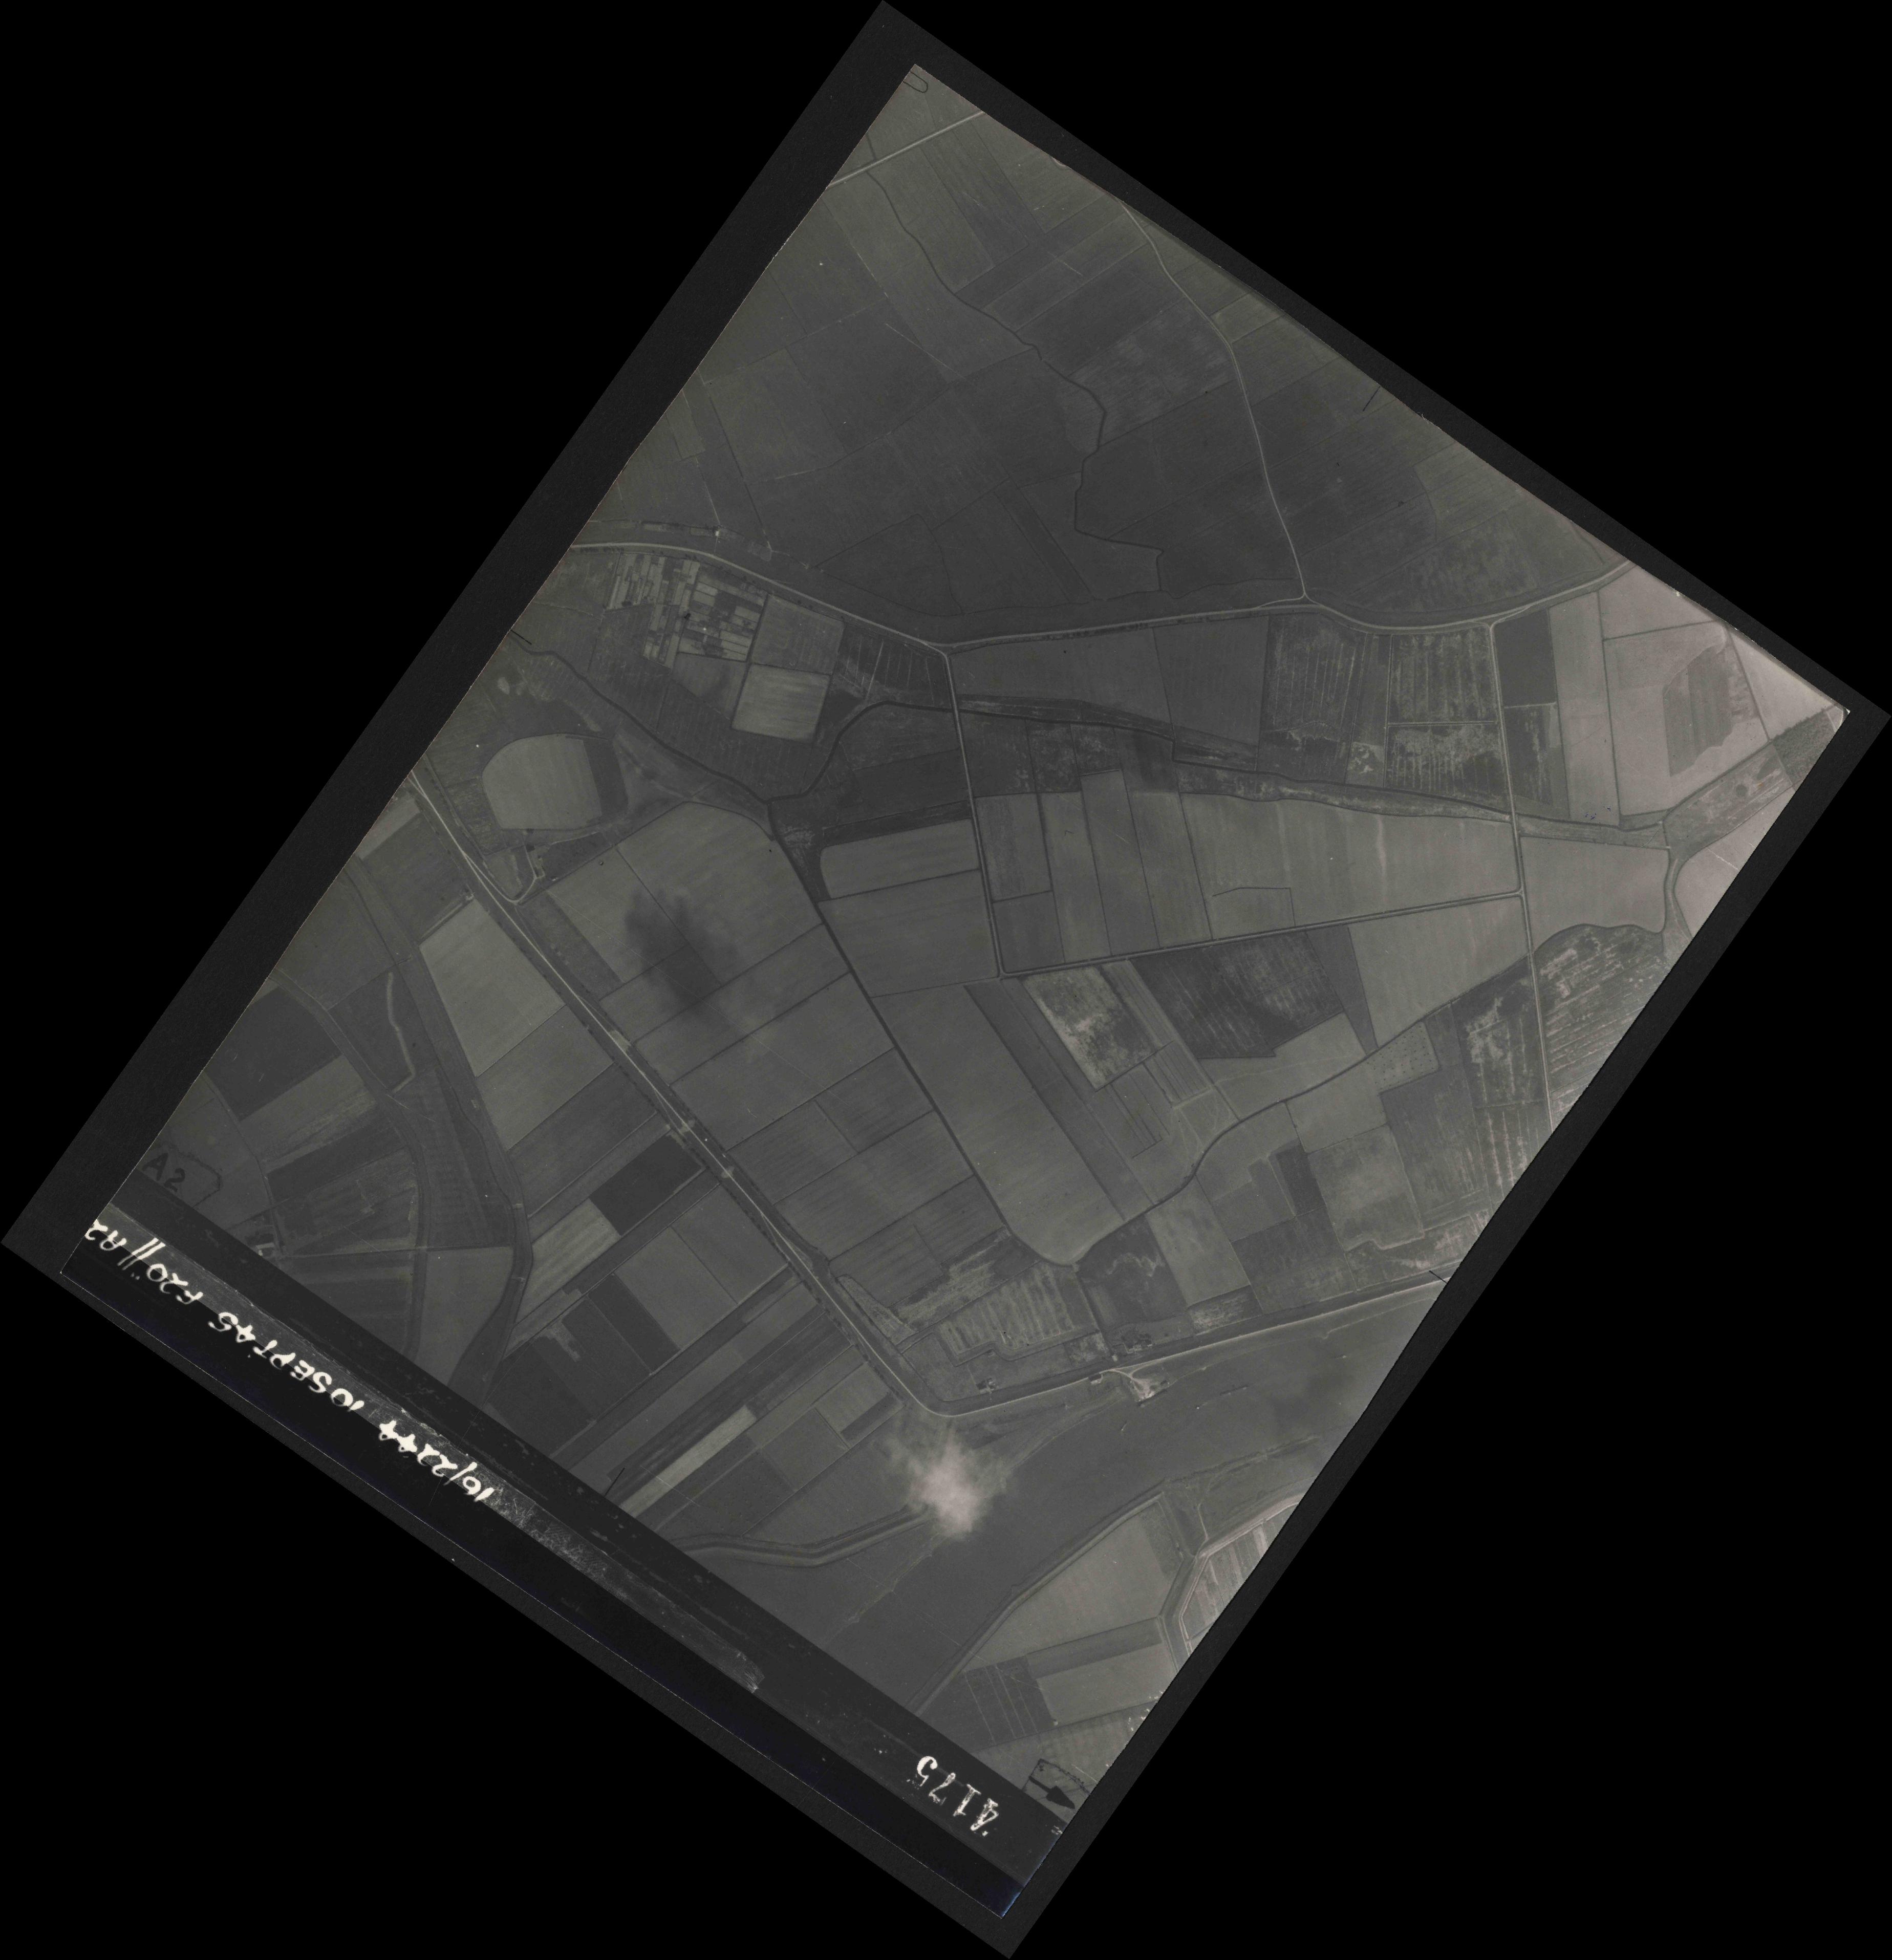 Collection RAF aerial photos 1940-1945 - flight 035, run 12, photo 4175